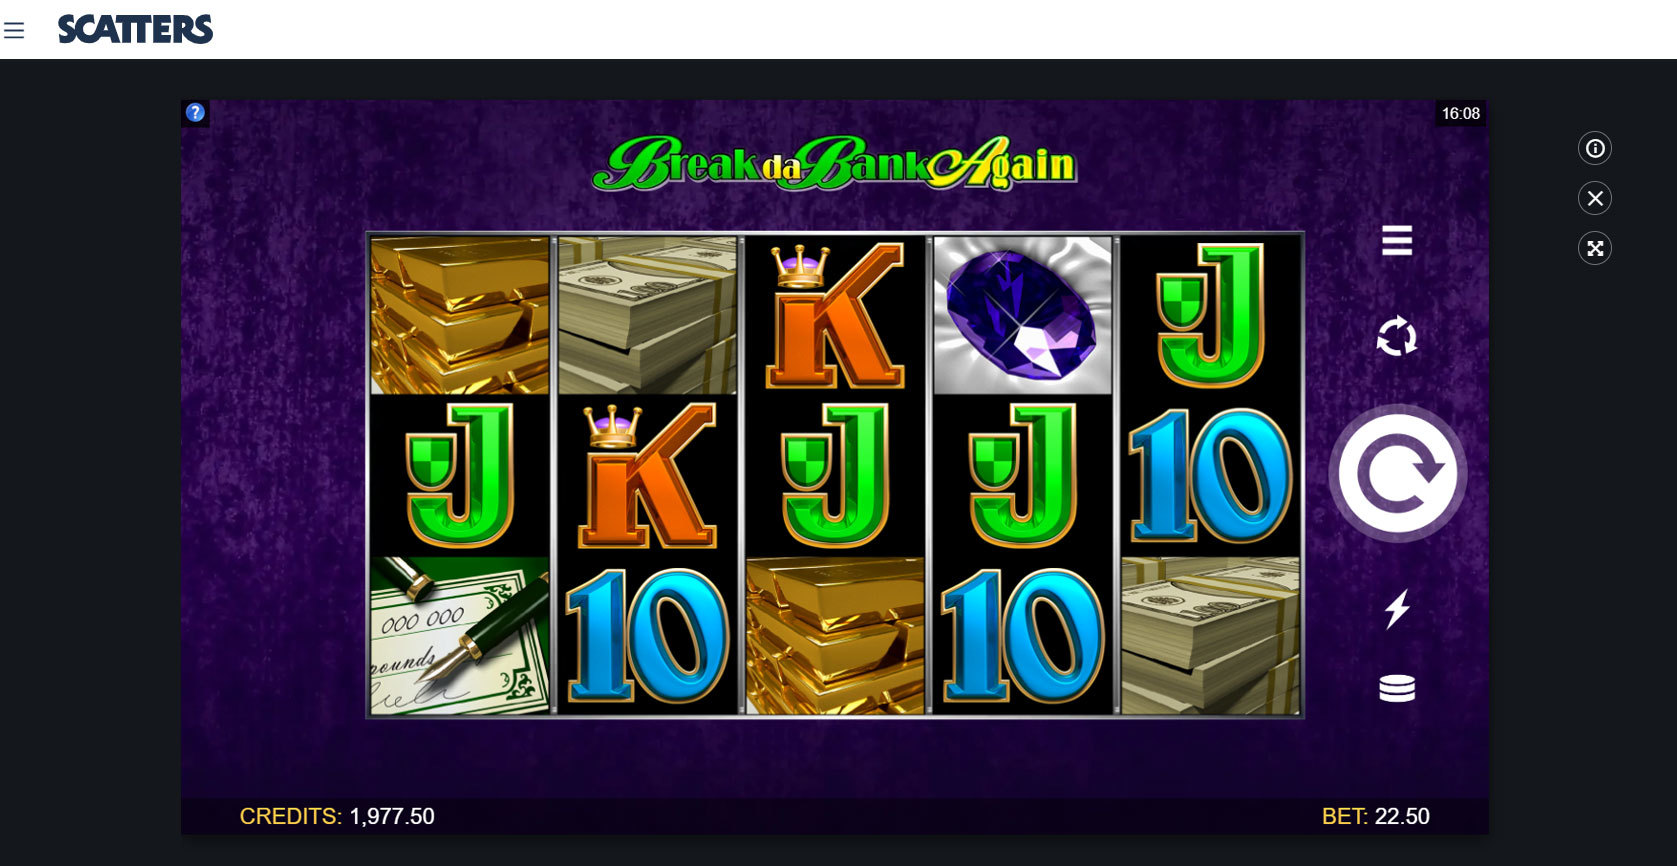 Break da Bank Again Online Slot - Scatters Slots Casino